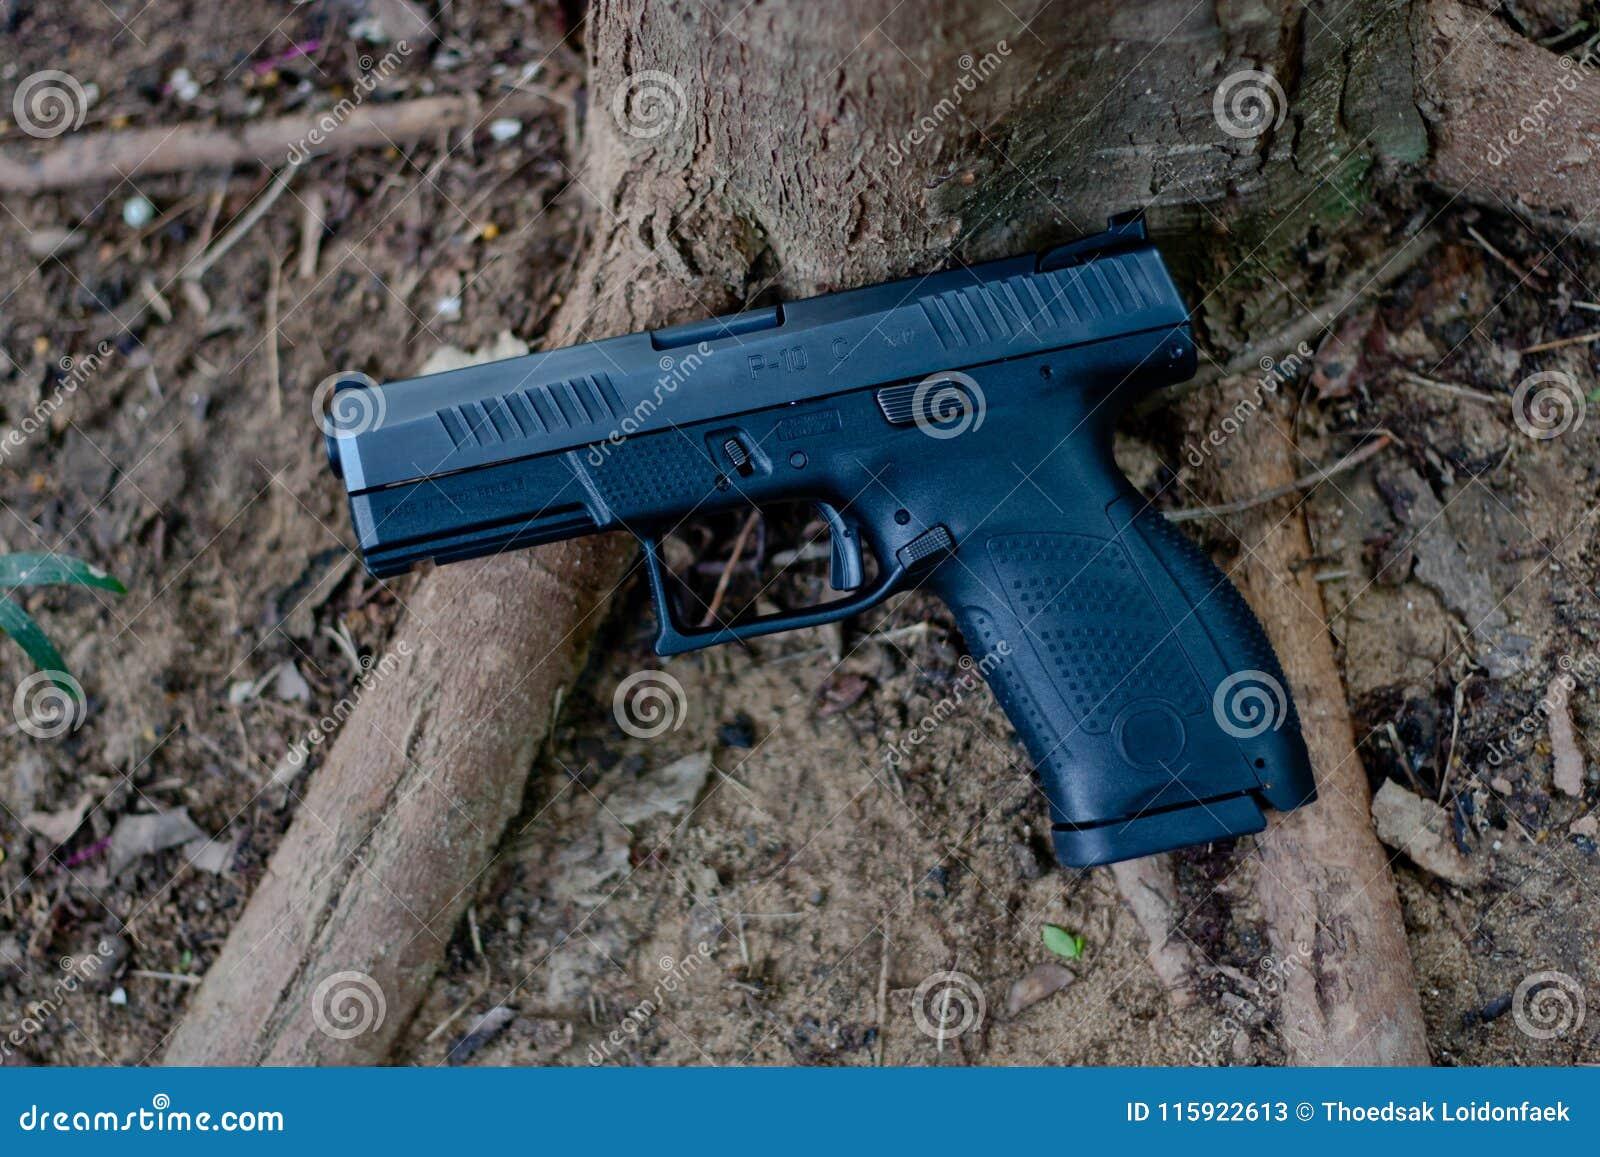 Semi автомобиль пистолет 9 mm, оно забастовщик ` s увольняло пистолеты с телом полимера где облегченный Это личное огнестрельное